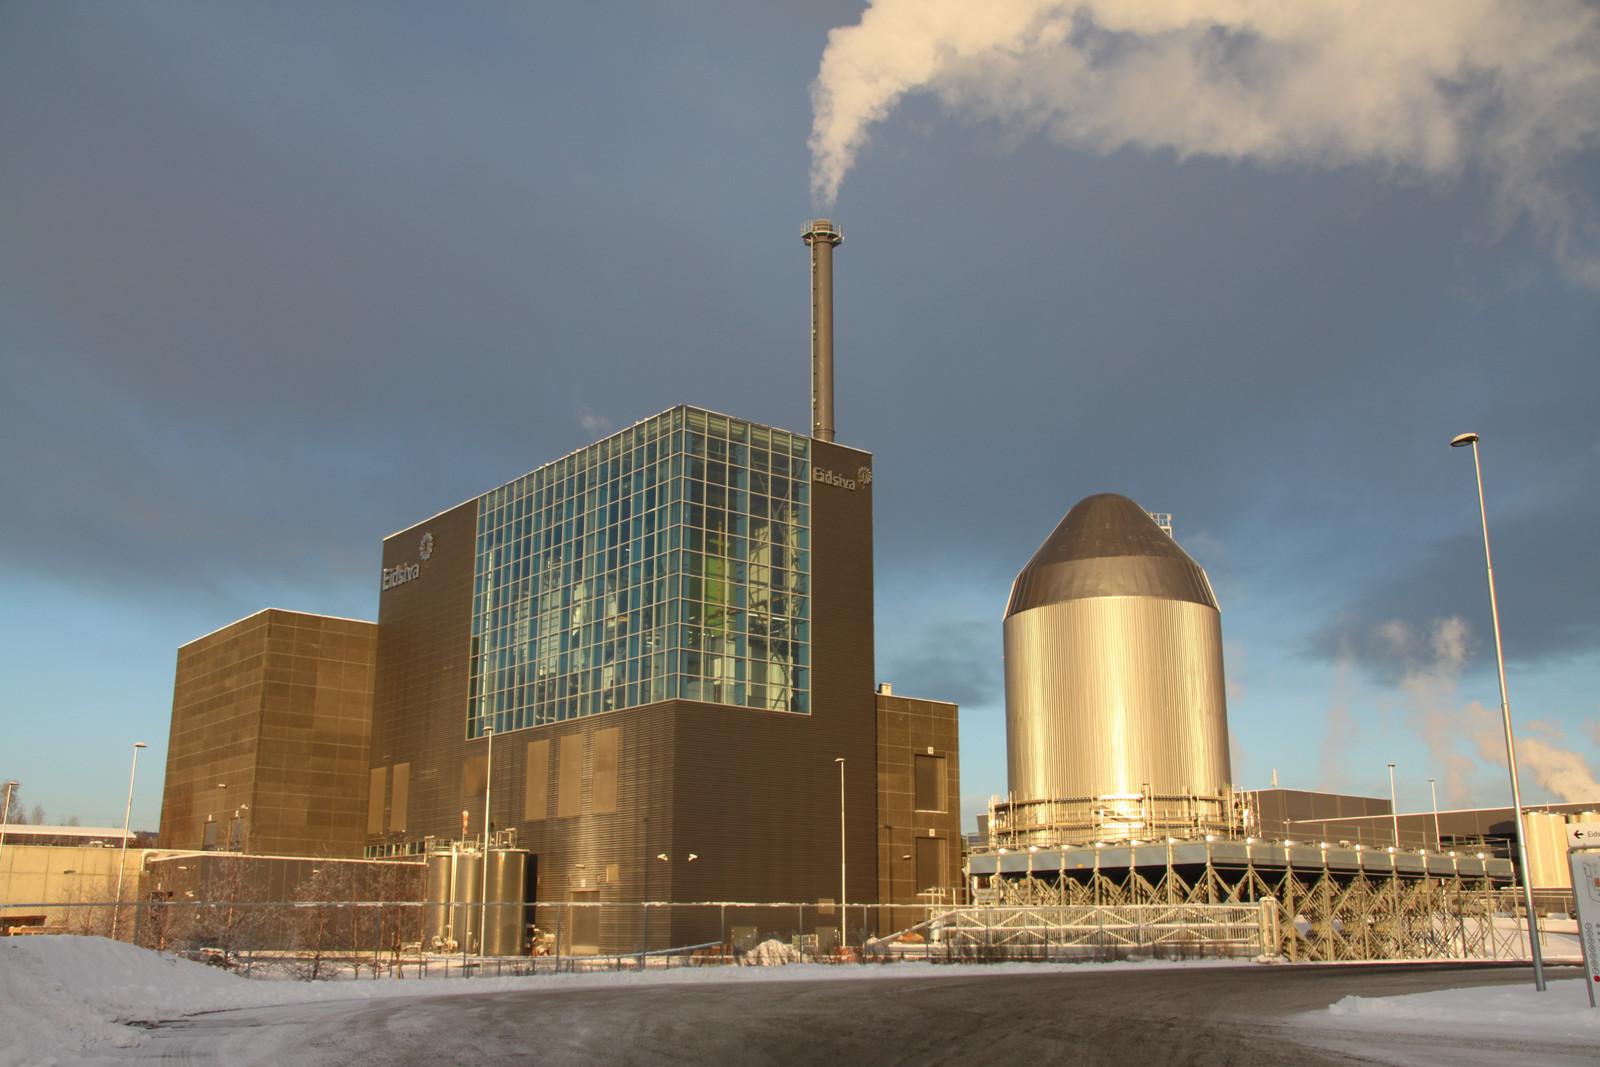 Eidsiva Bioenergi AS